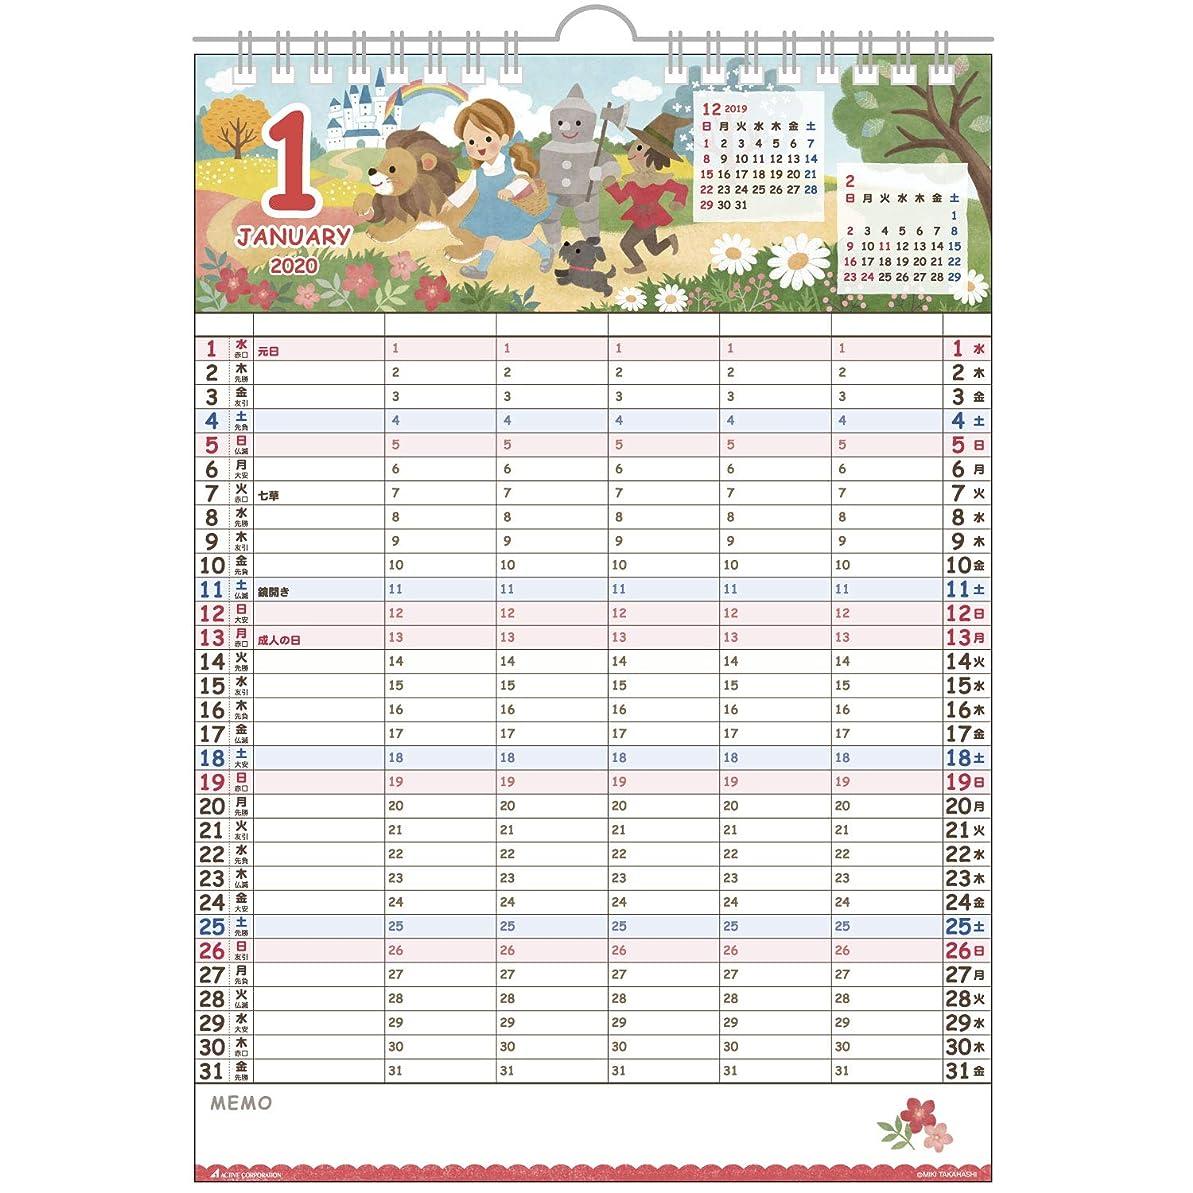 お手伝いさん抵抗する鑑定アクティブコーポレーション 2020年 カレンダー ファミリーカレンダー 壁掛け マイファミリー ACL-26